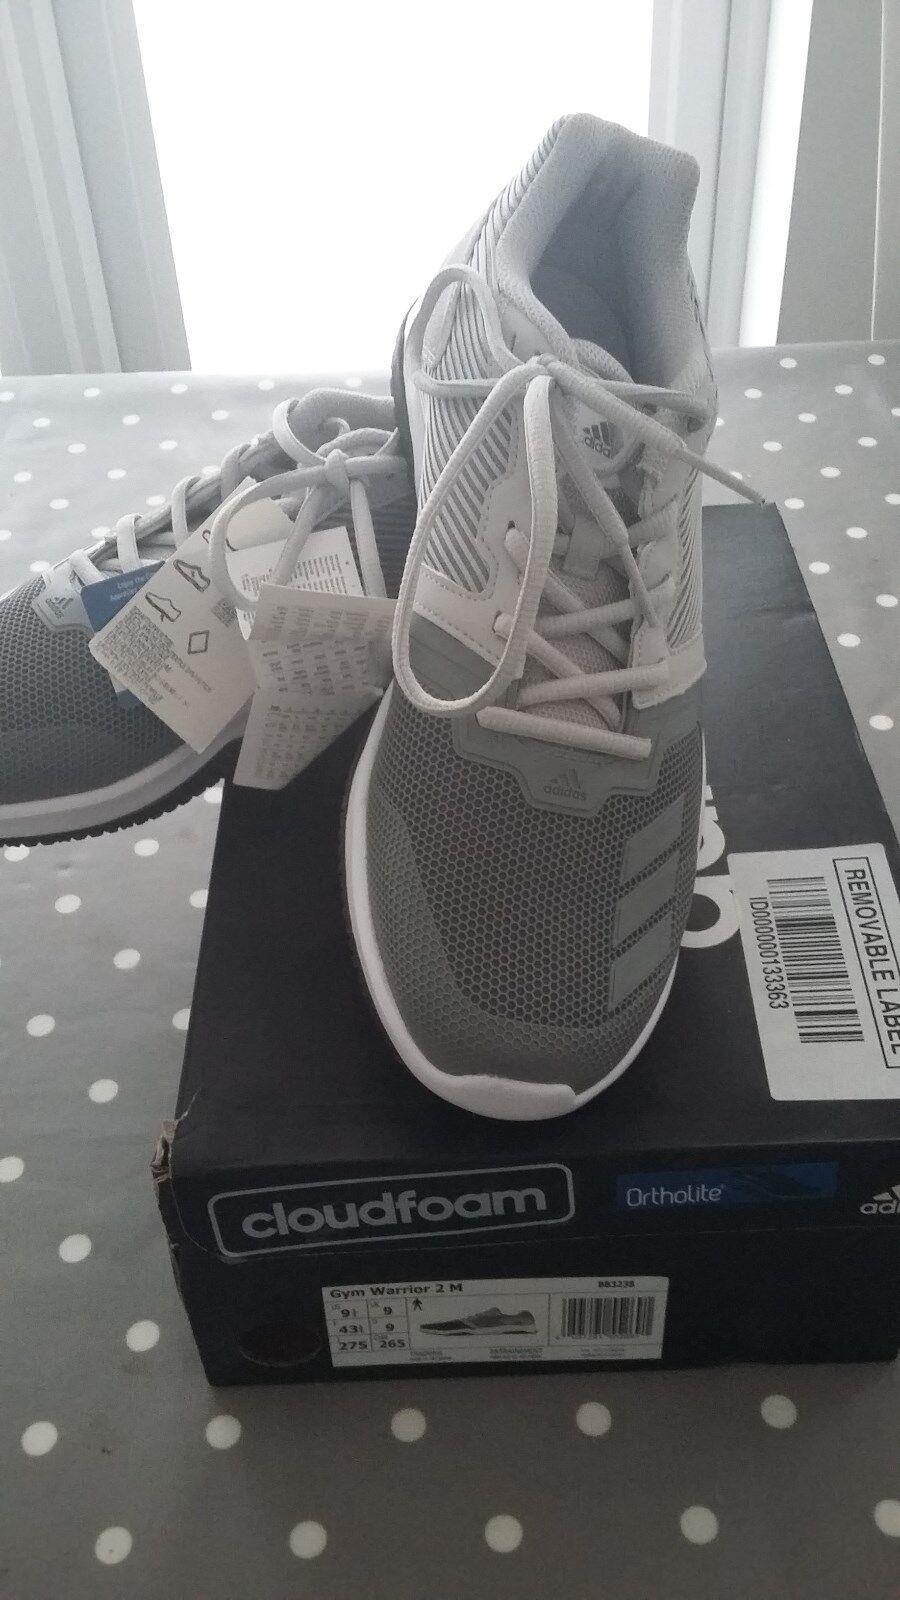 Adidas sport krieger 2.0  ausbilder / ausbildung  schuhgröße bnib cloudfoam / ortholite